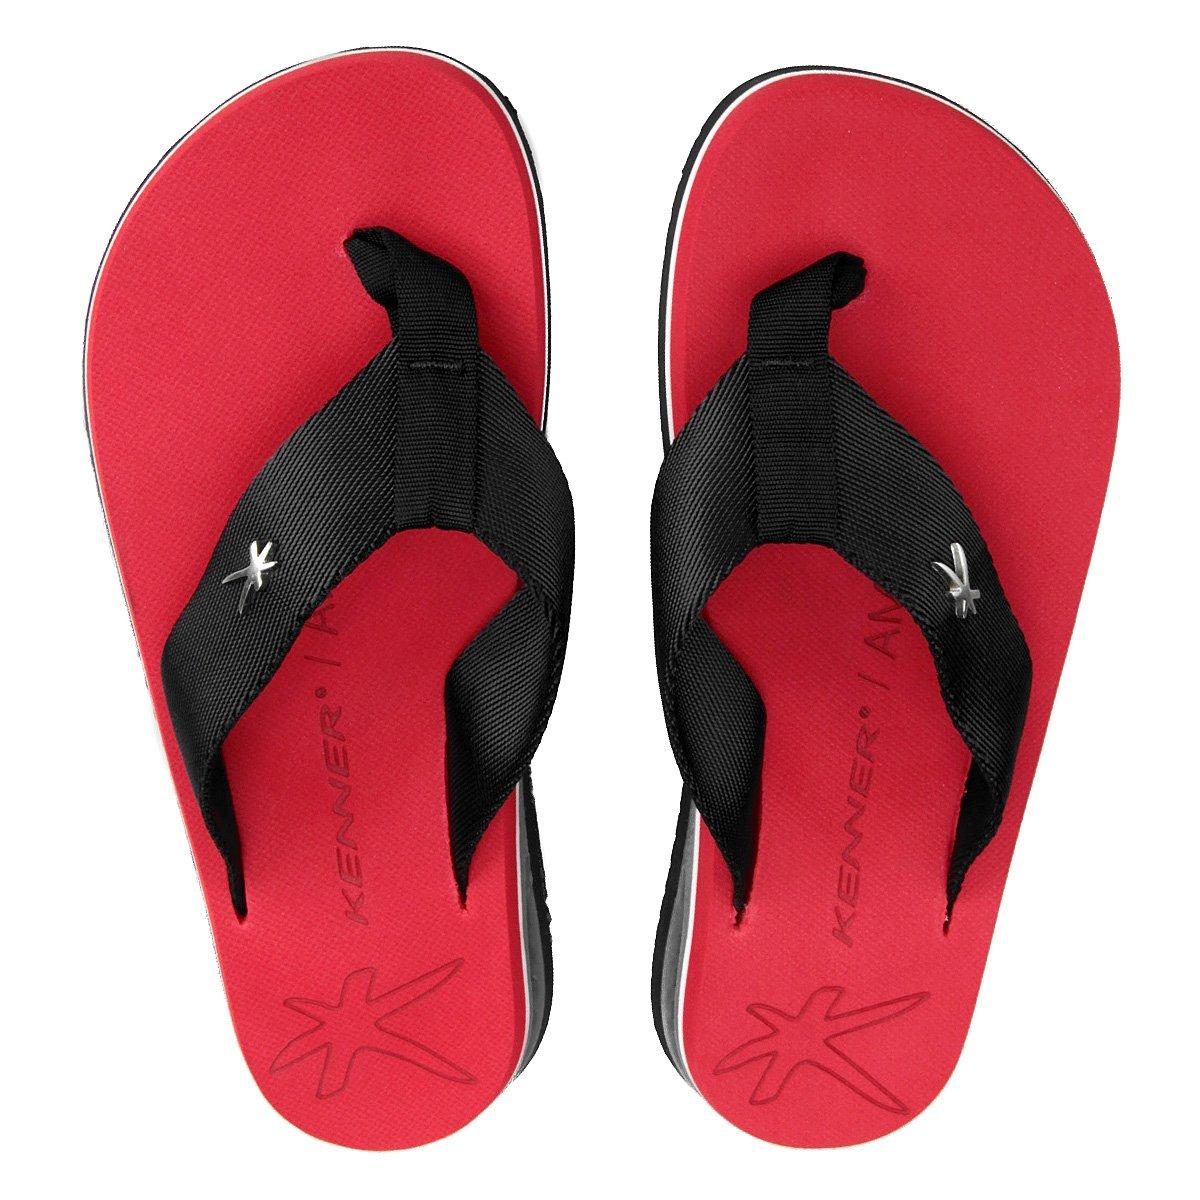 ca241e885 Chinelo kenner amp masculino vermelho e preto compre jpg 544x544 Chinelo  masculino kenner